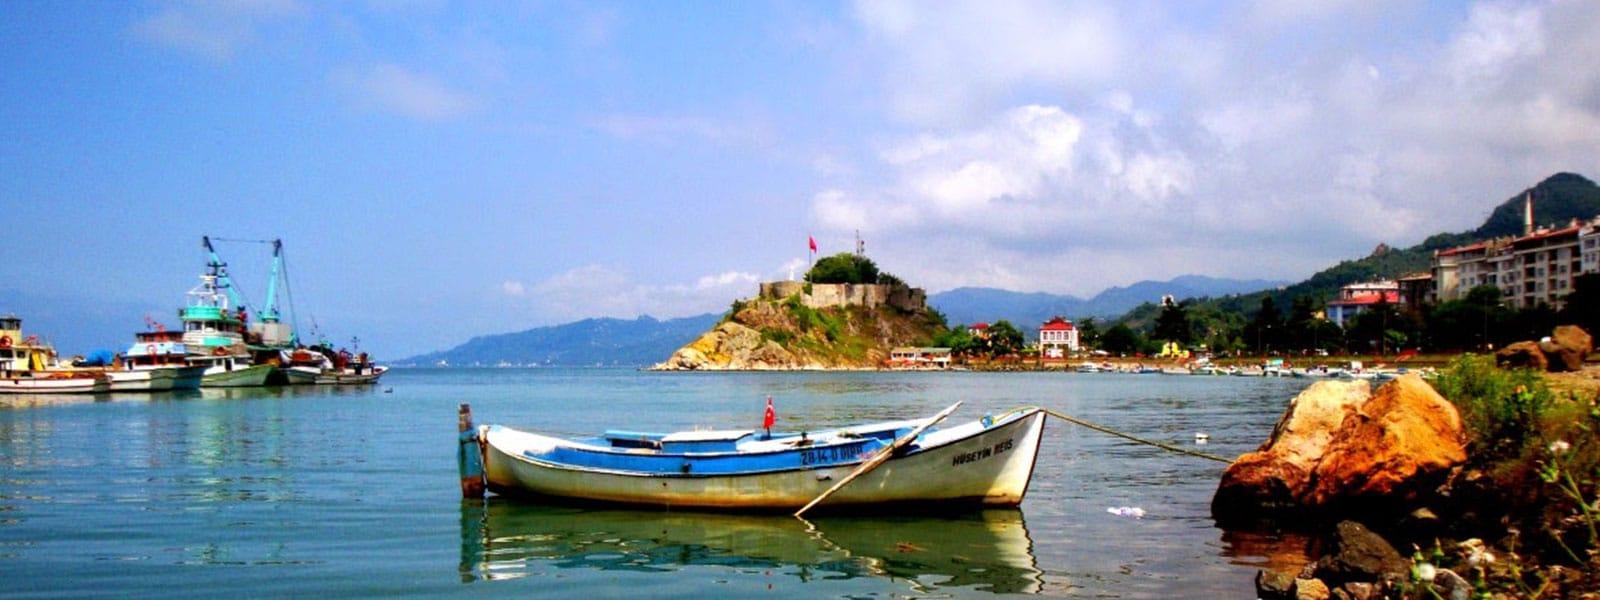 Giresun Black Sea